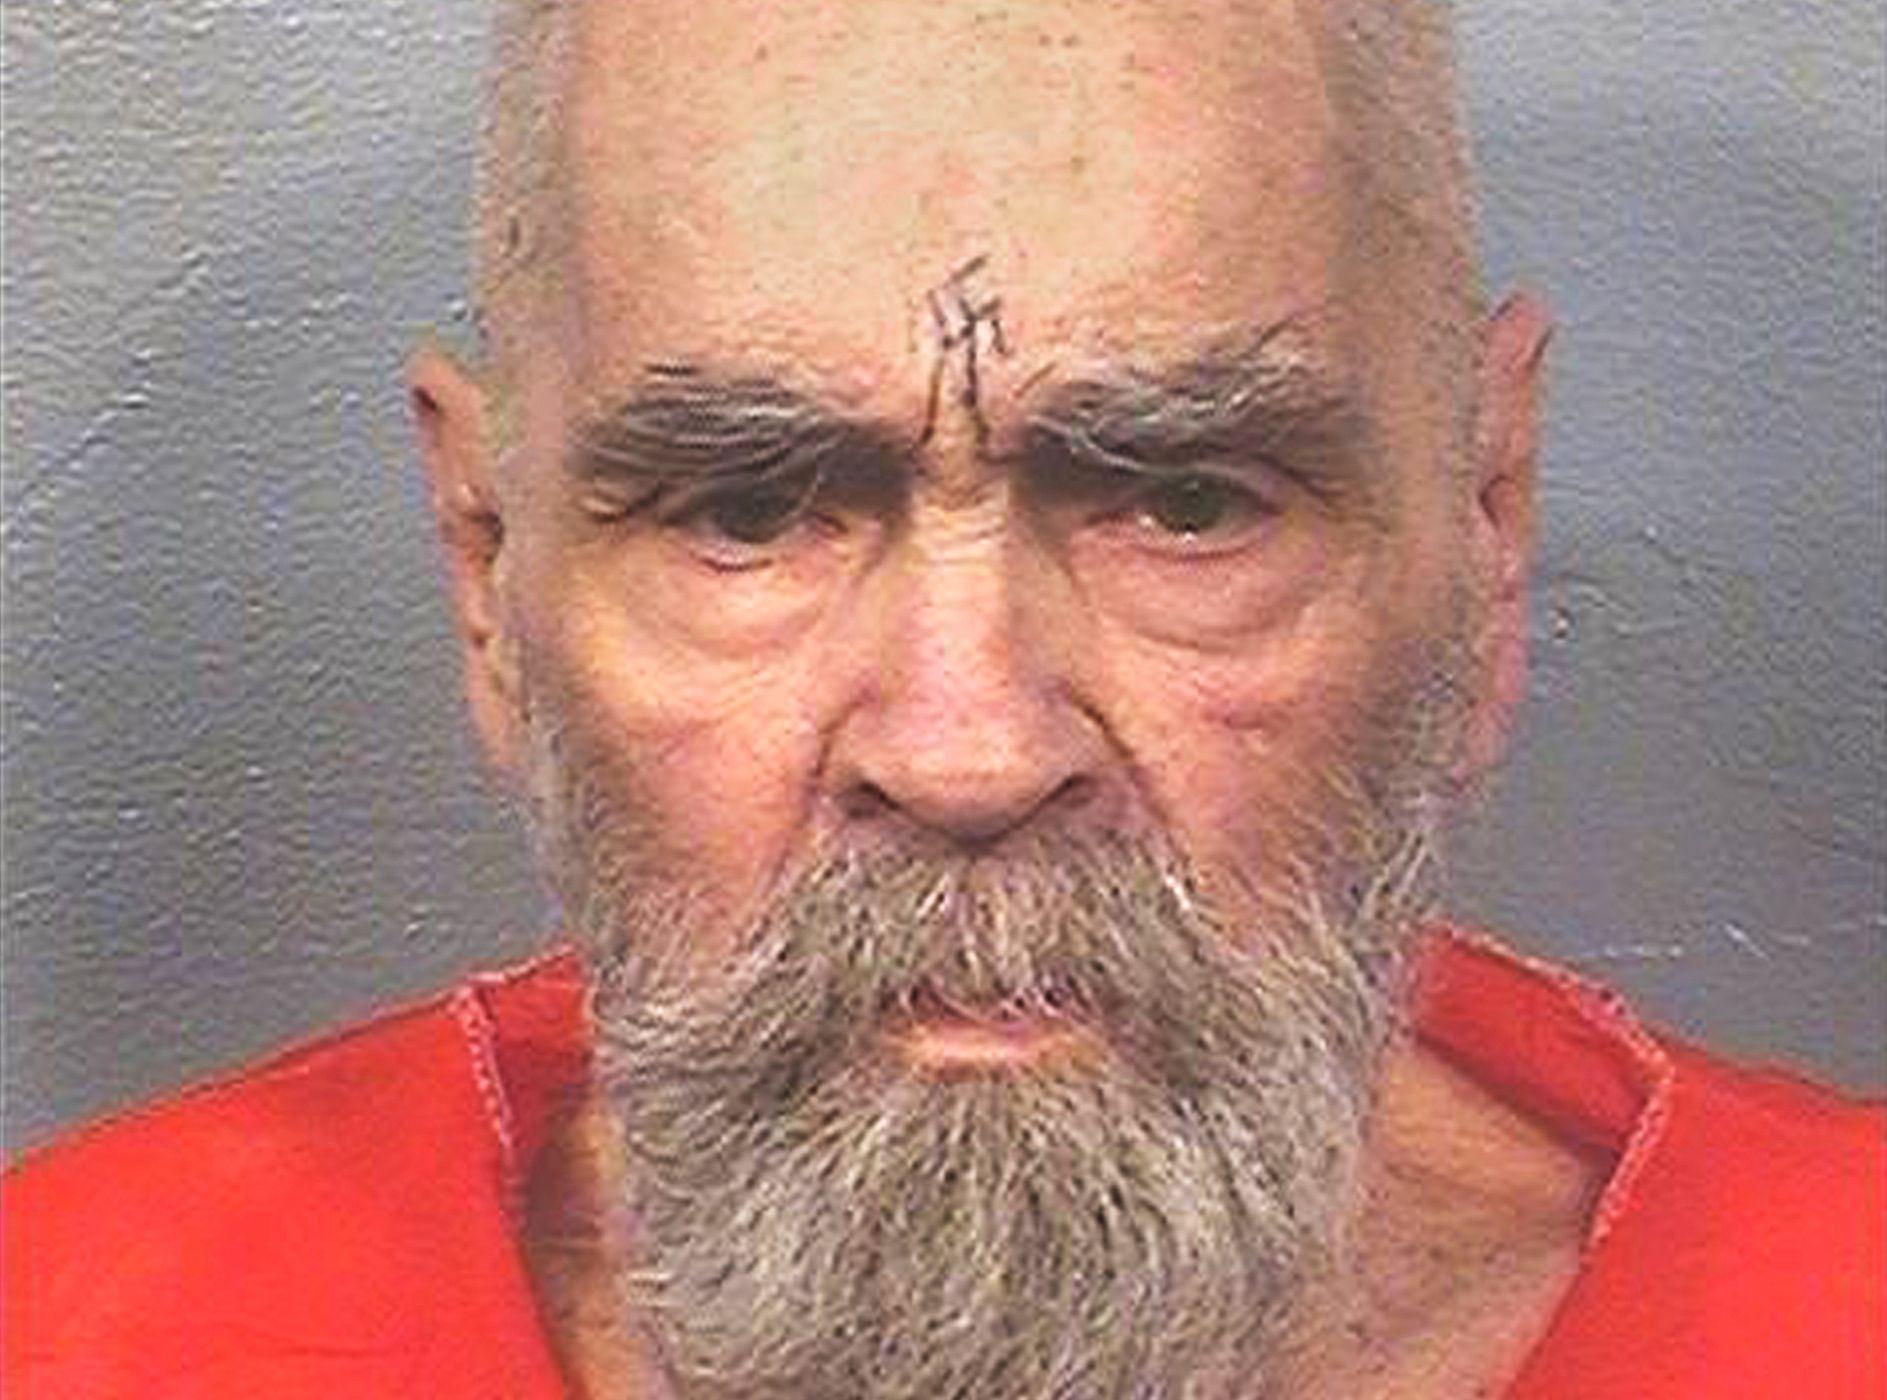 AVDØD KULTLEDER: Charles Manson fotografert i august.